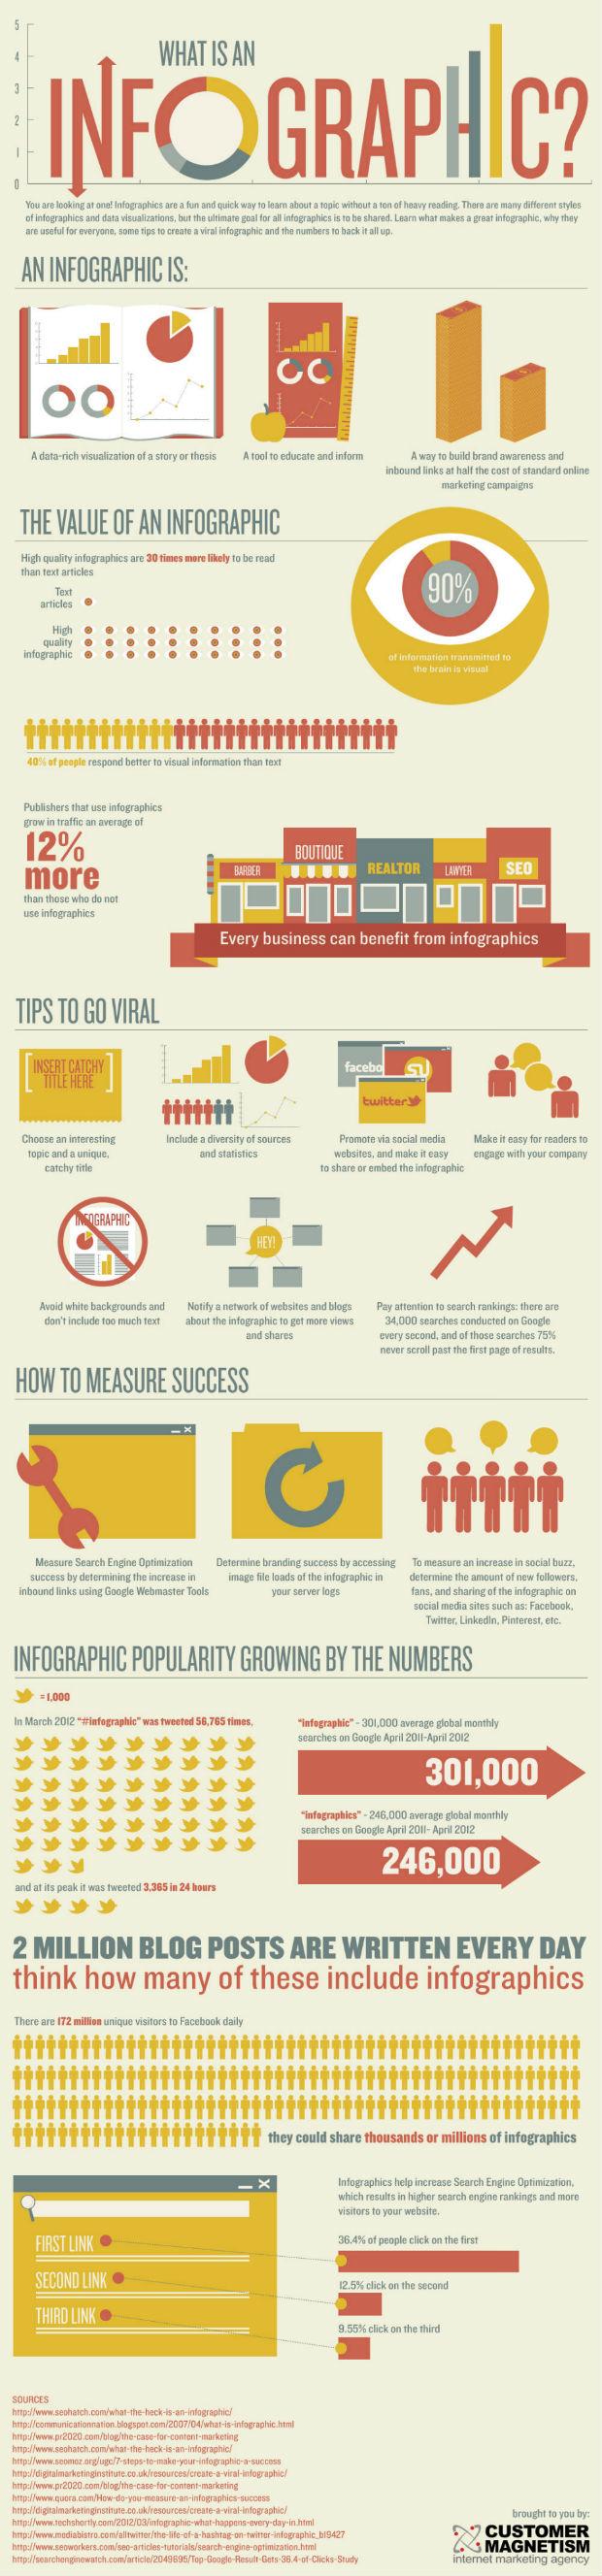 Eine_Infografik_ueber_die_Erstellung_von_Infografiken